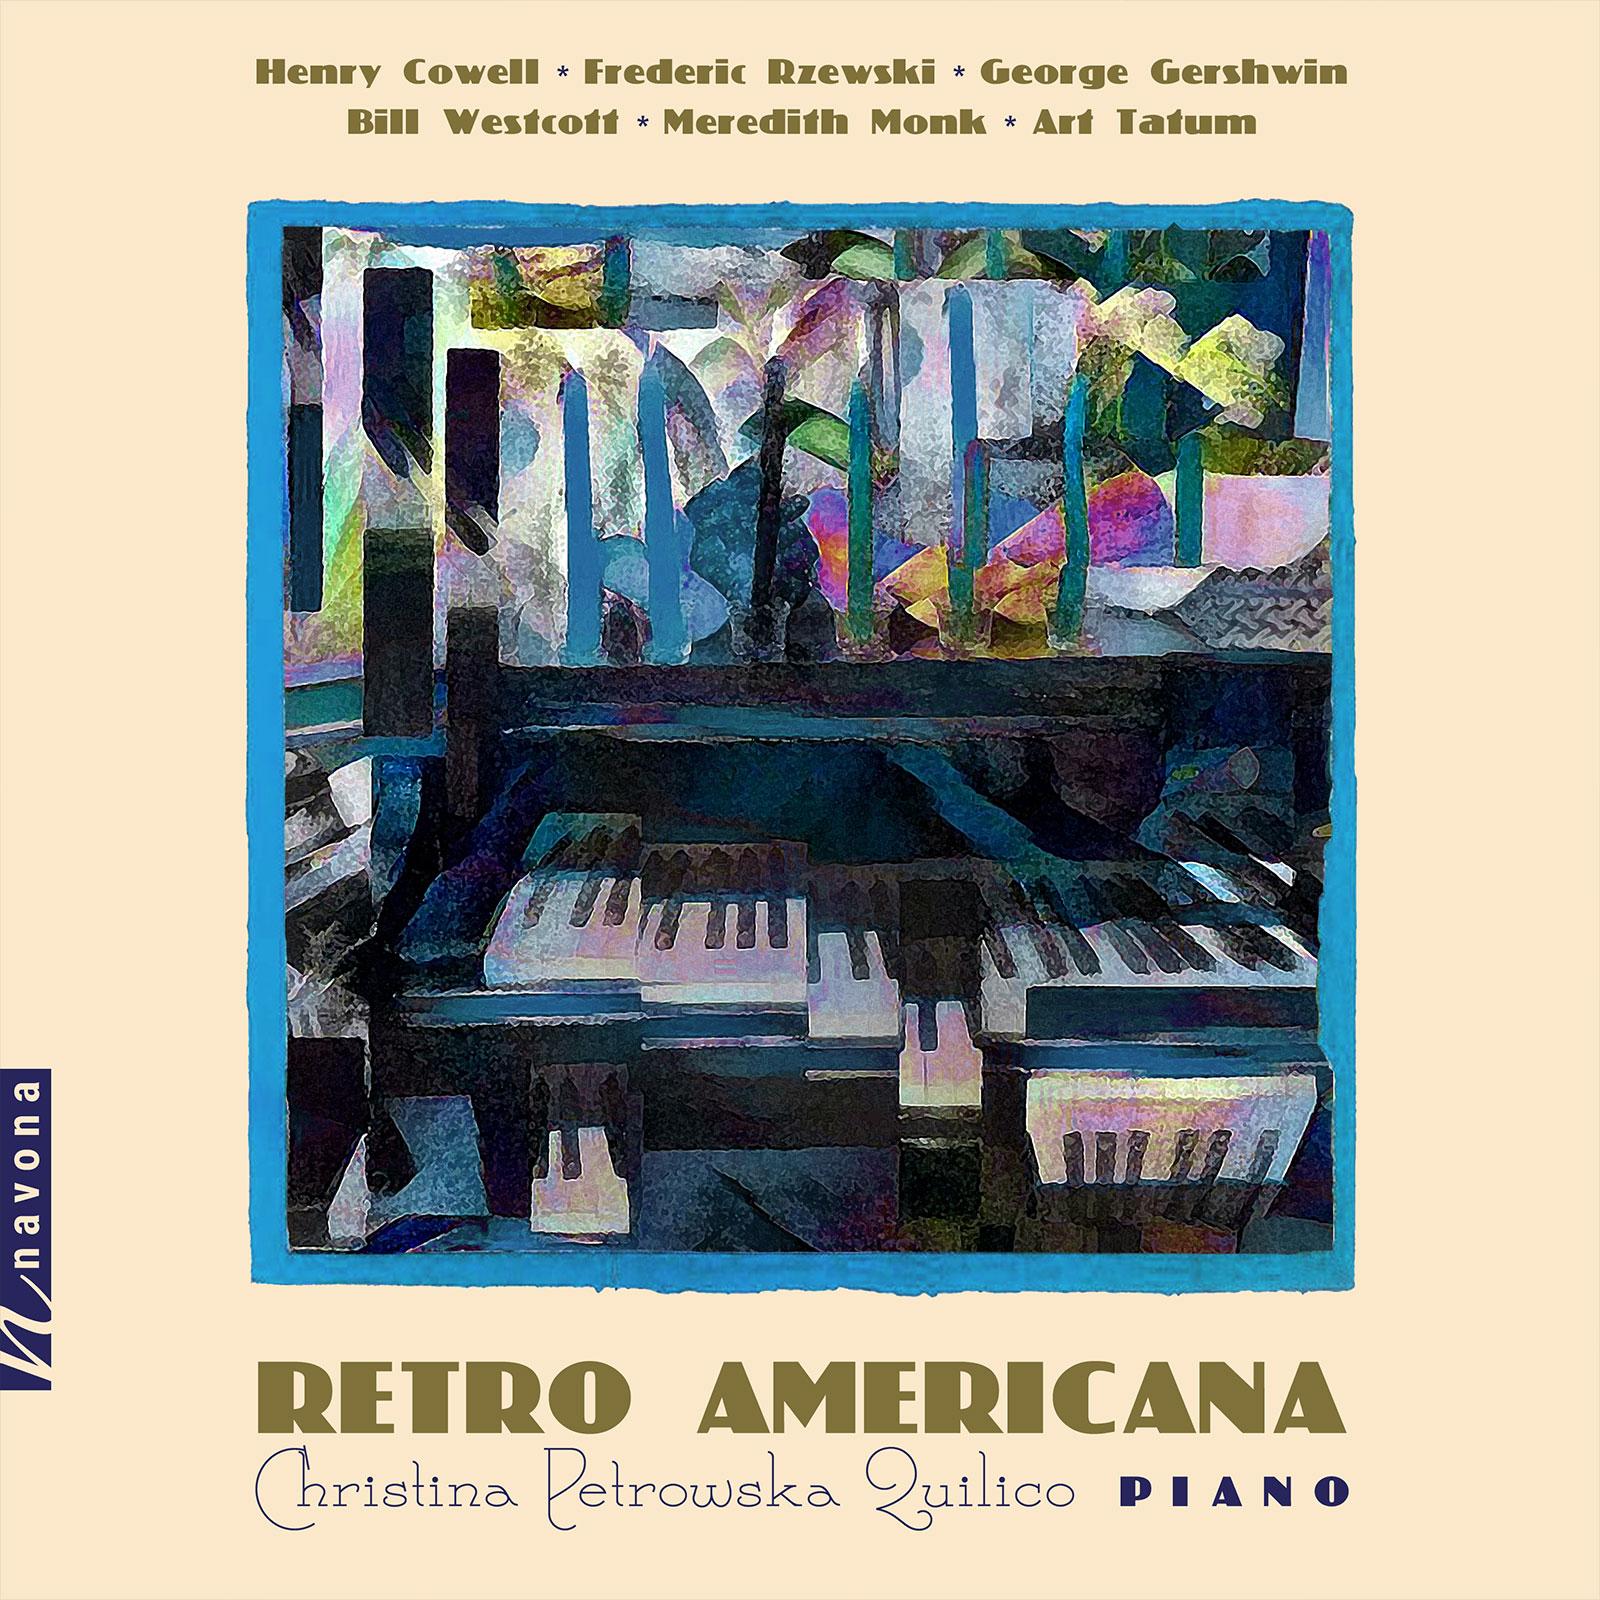 Retro Americana - Christina Petrowska Quilico - Album Cover